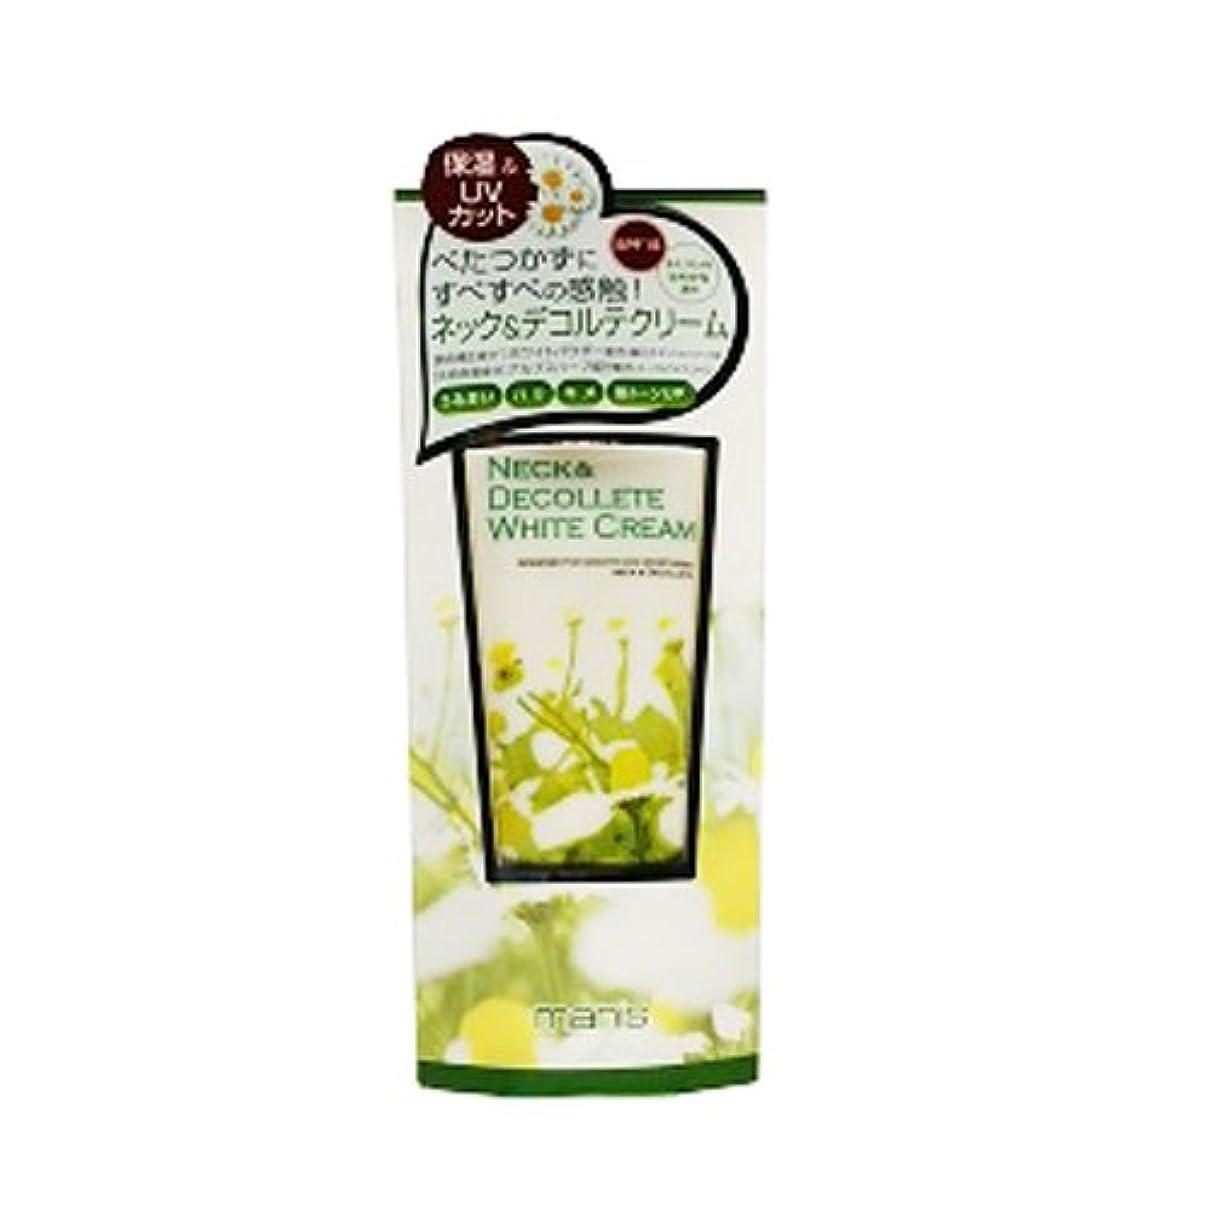 専ら葉っぱ導入するマニス ネック&デコルテ ホワイトシルキークリーム 60g